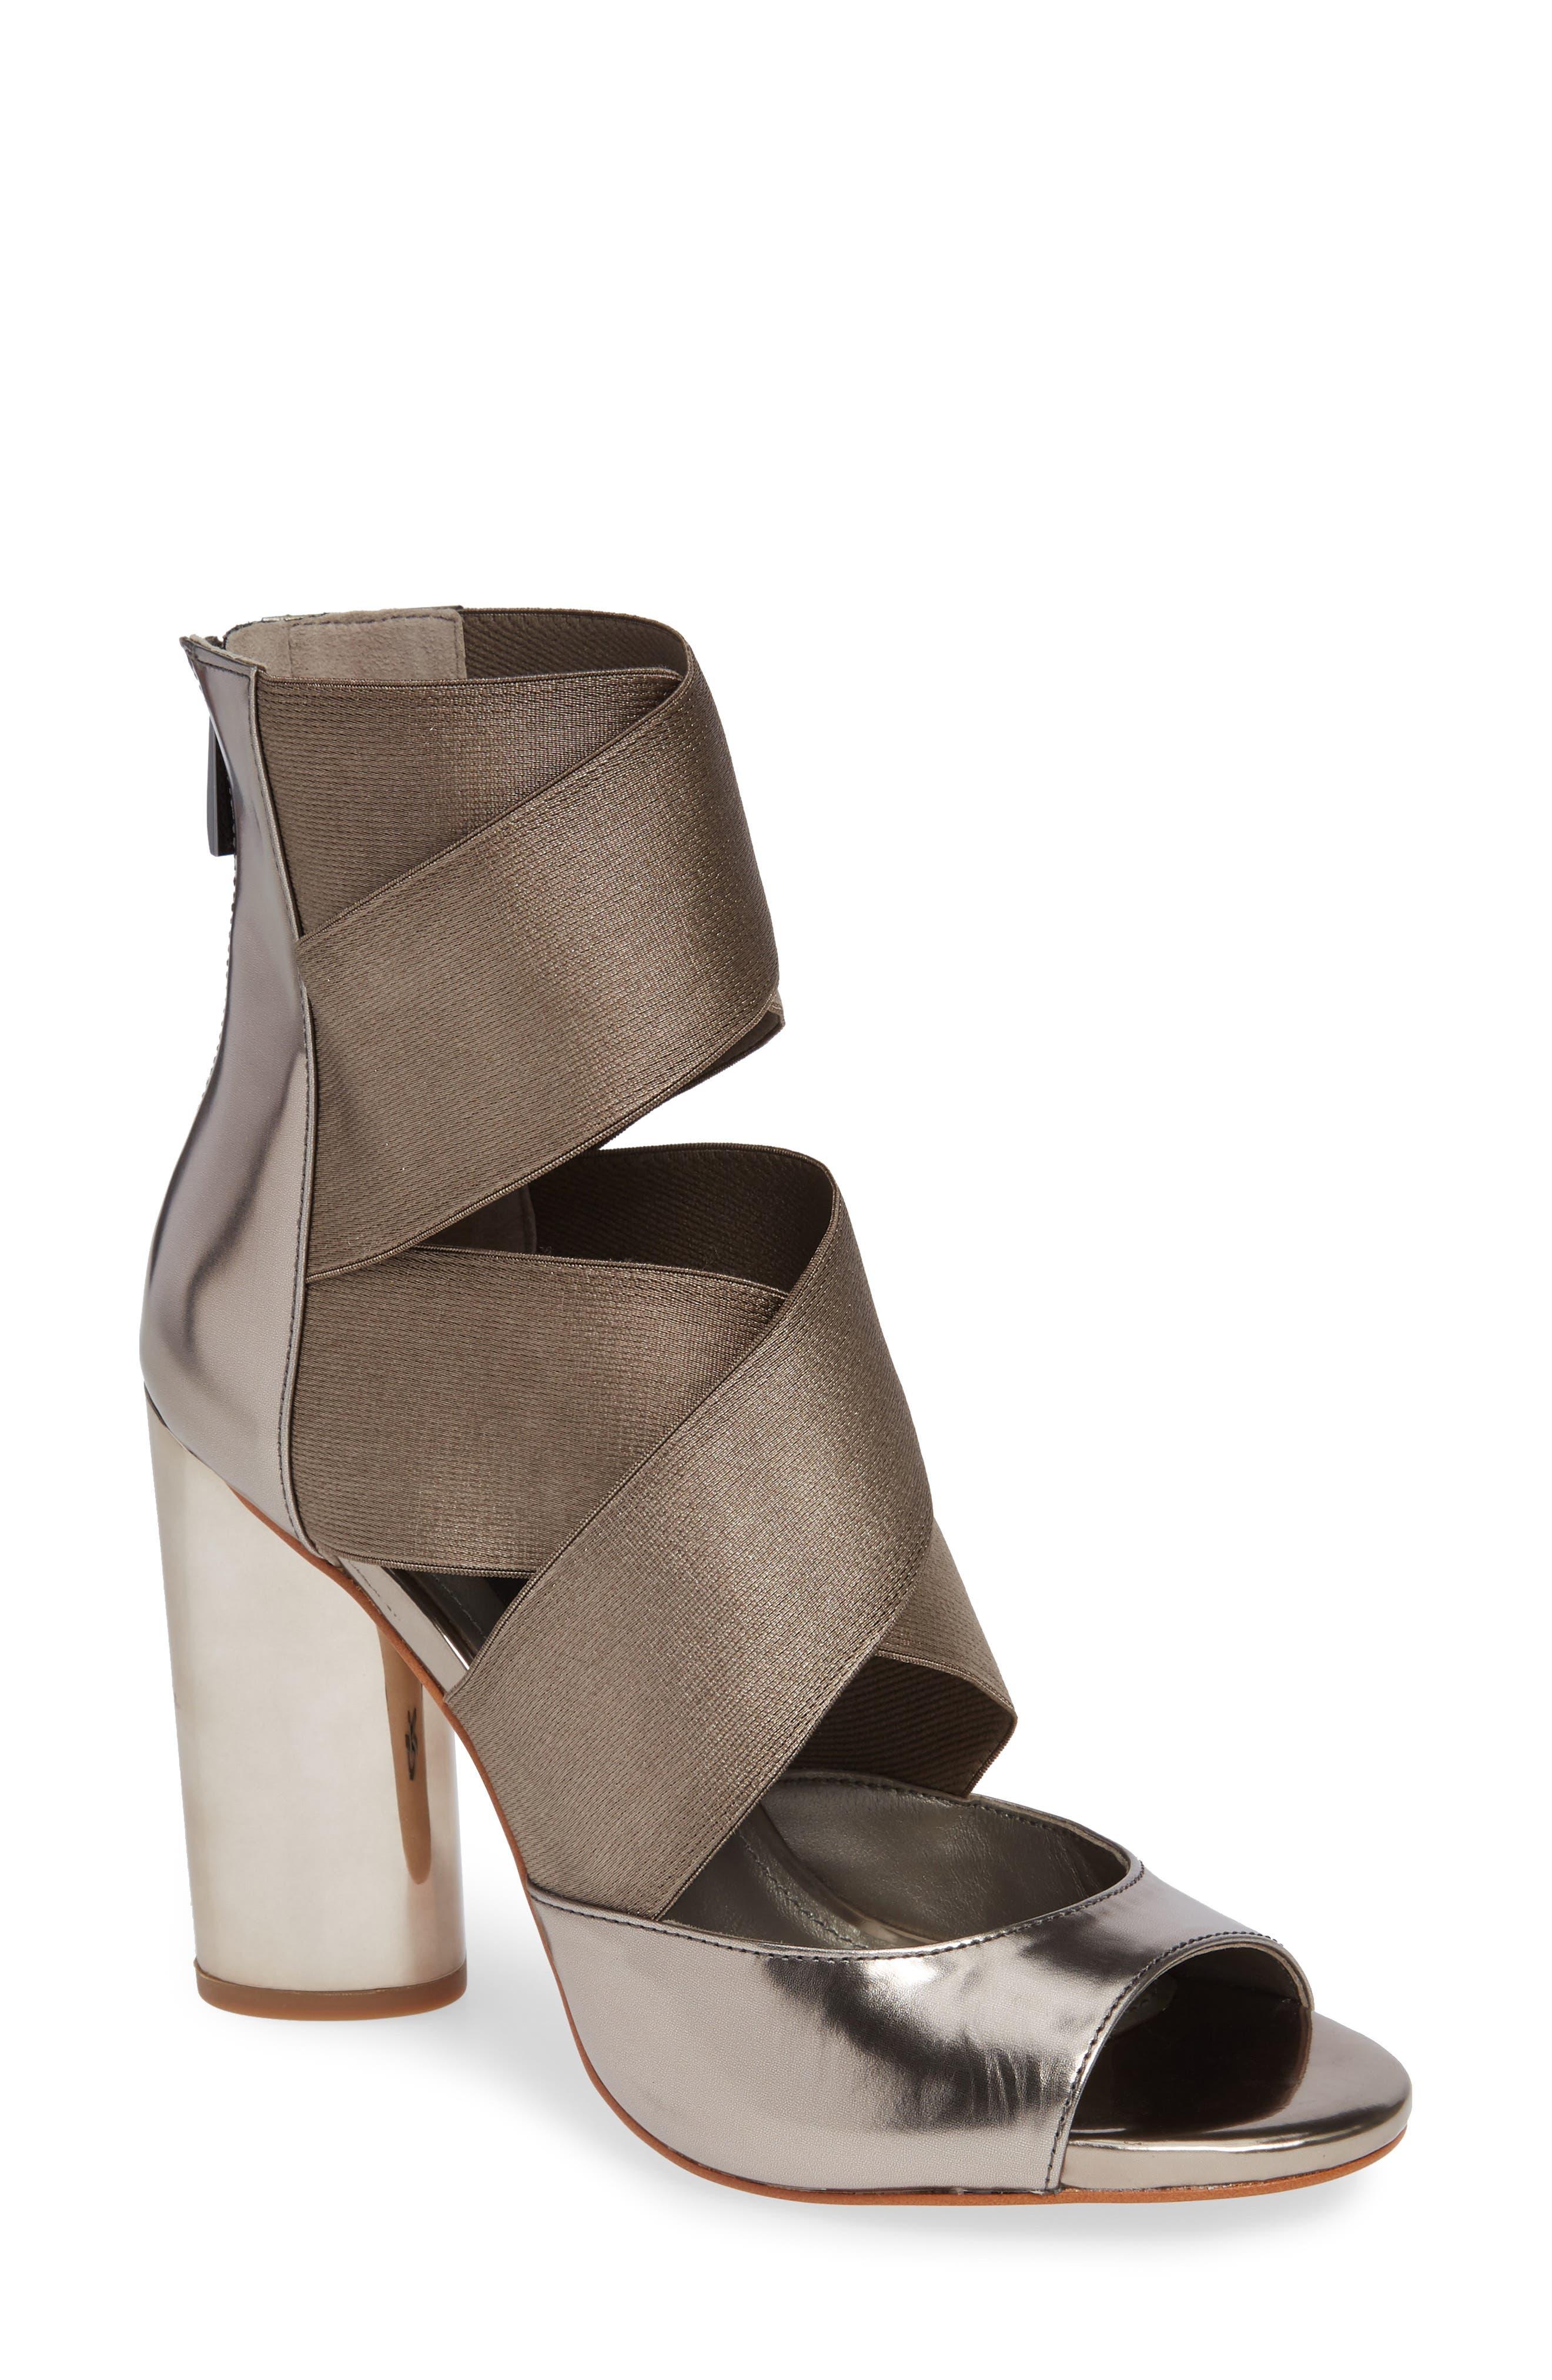 Donna Karan Briana Strappy High Sandal,                             Main thumbnail 1, color,                             DARK PEWTER